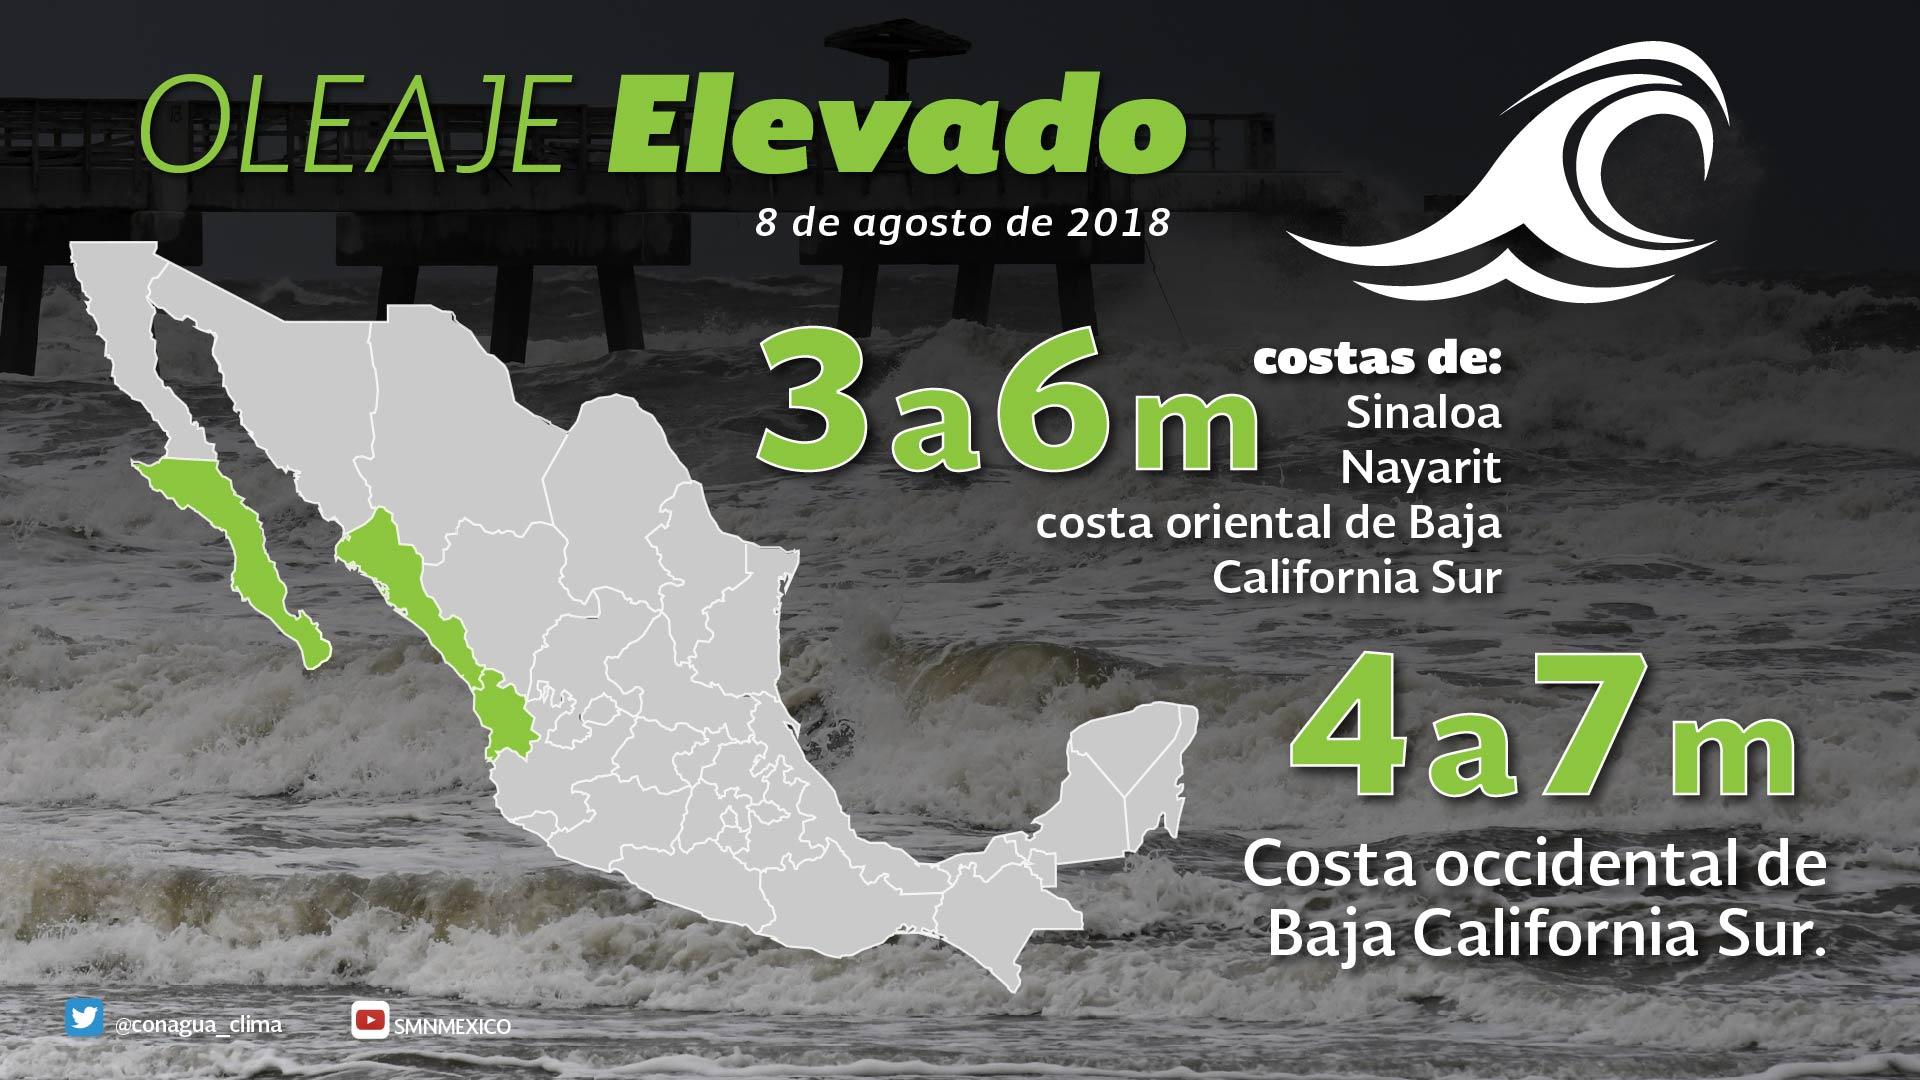 John mantendrá el potencial de tormentas puntuales intensas en Baja California Sur